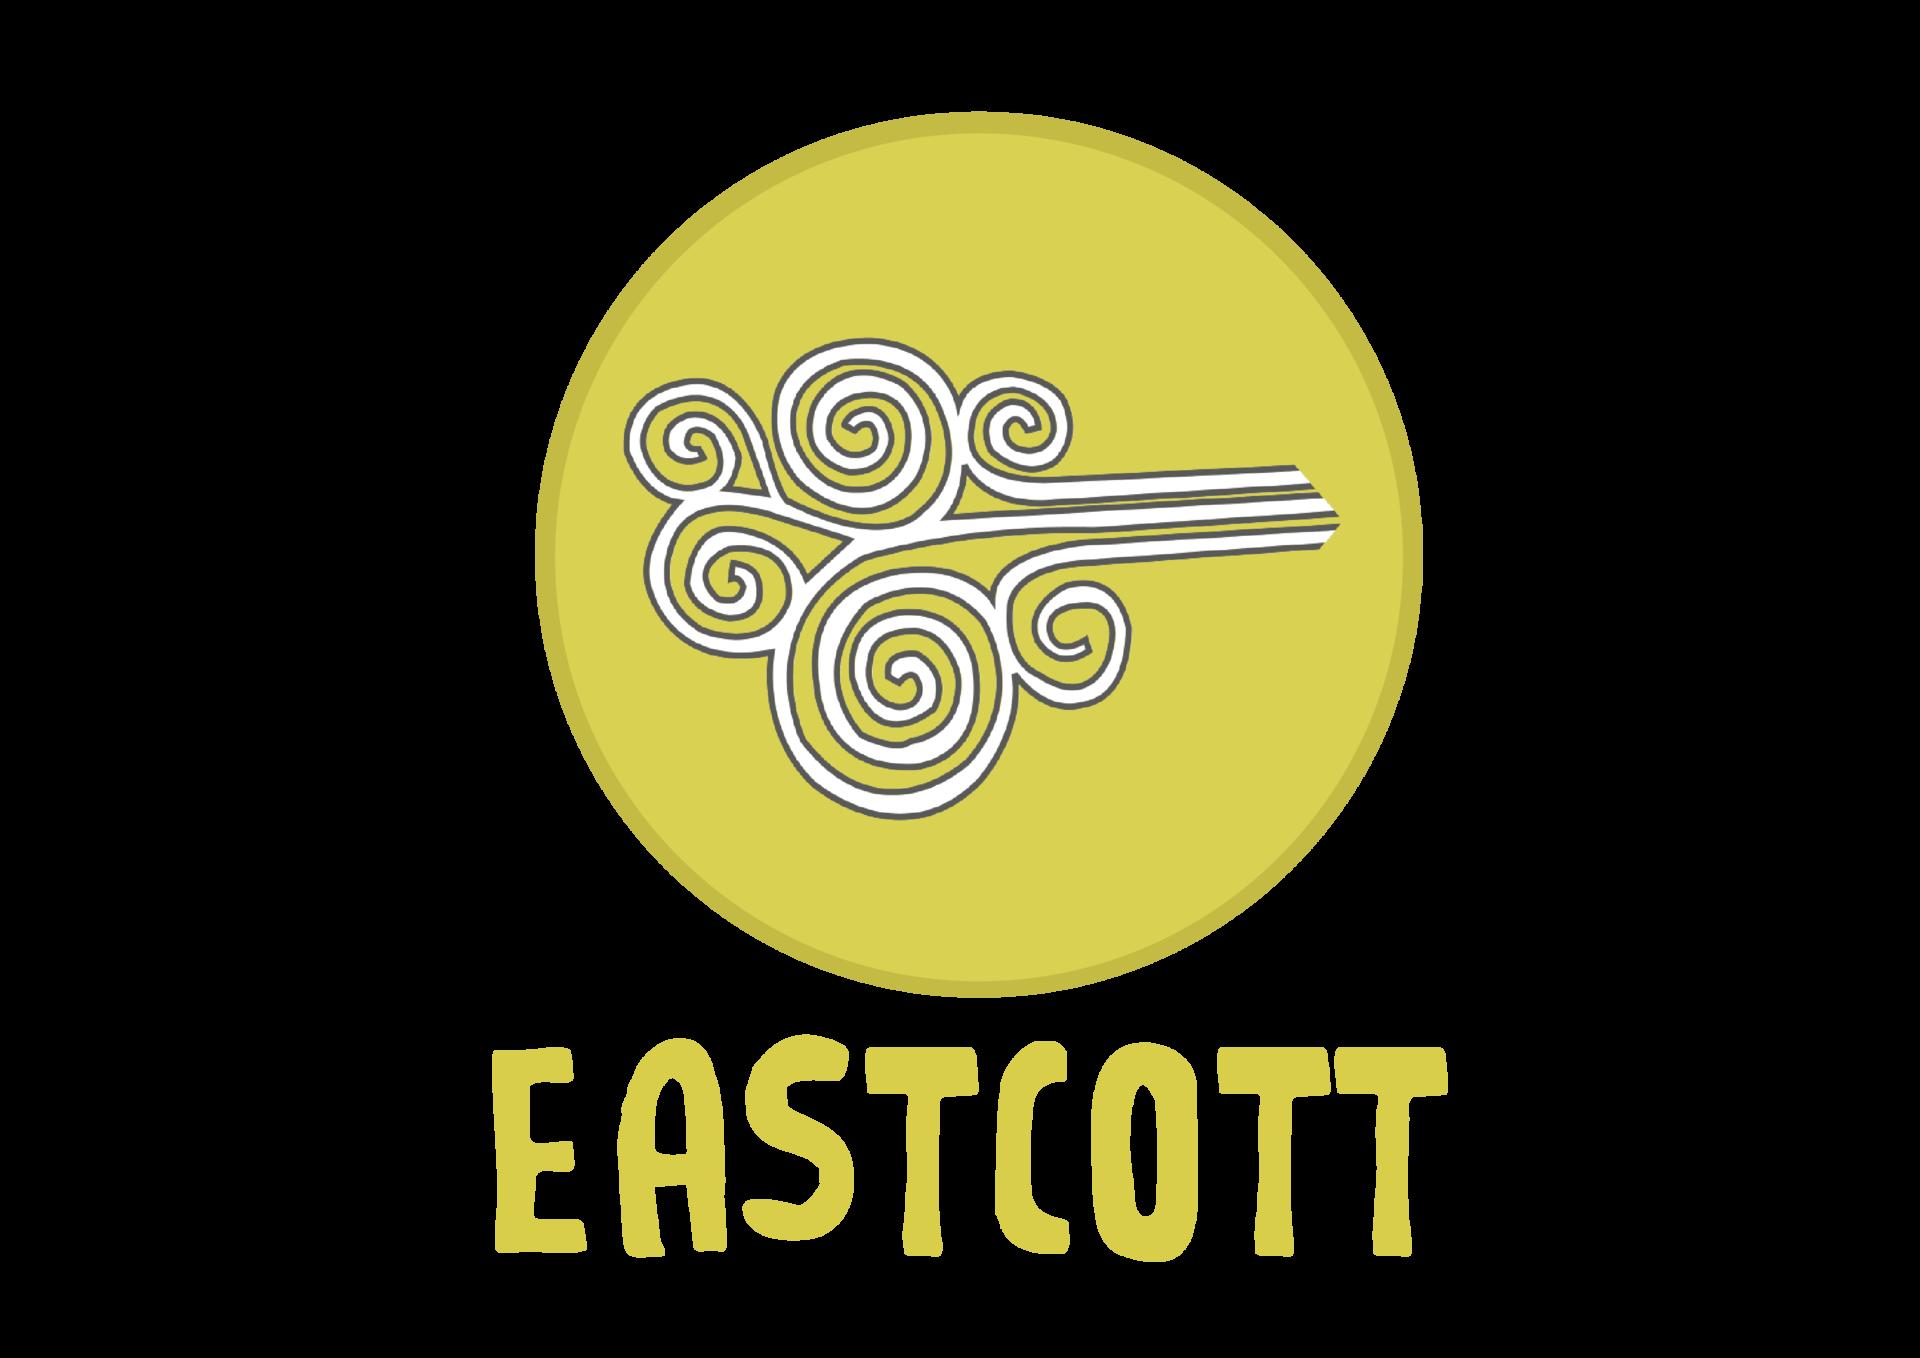 eastcott